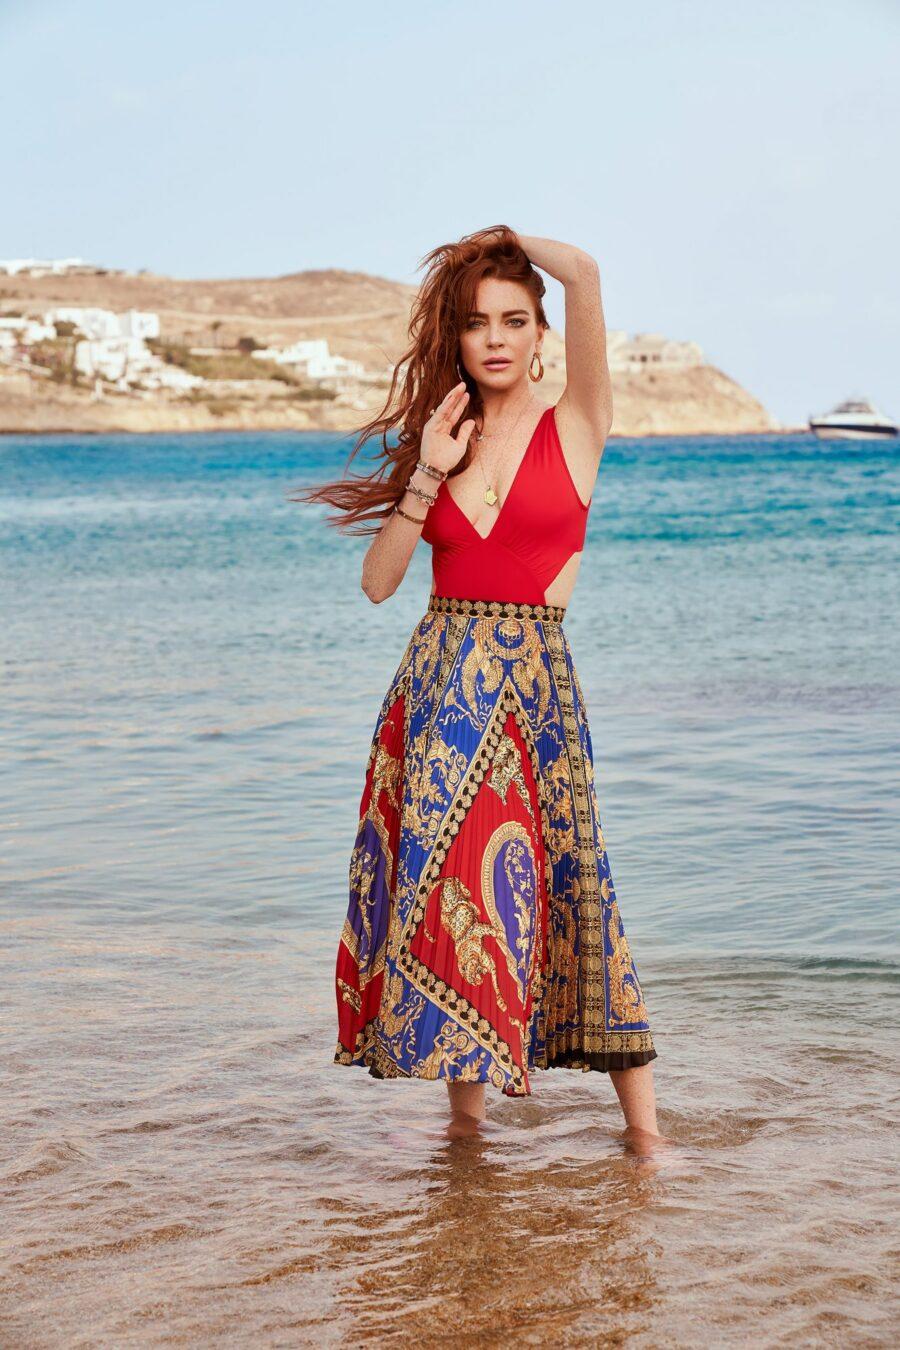 Lindsay Lohan now